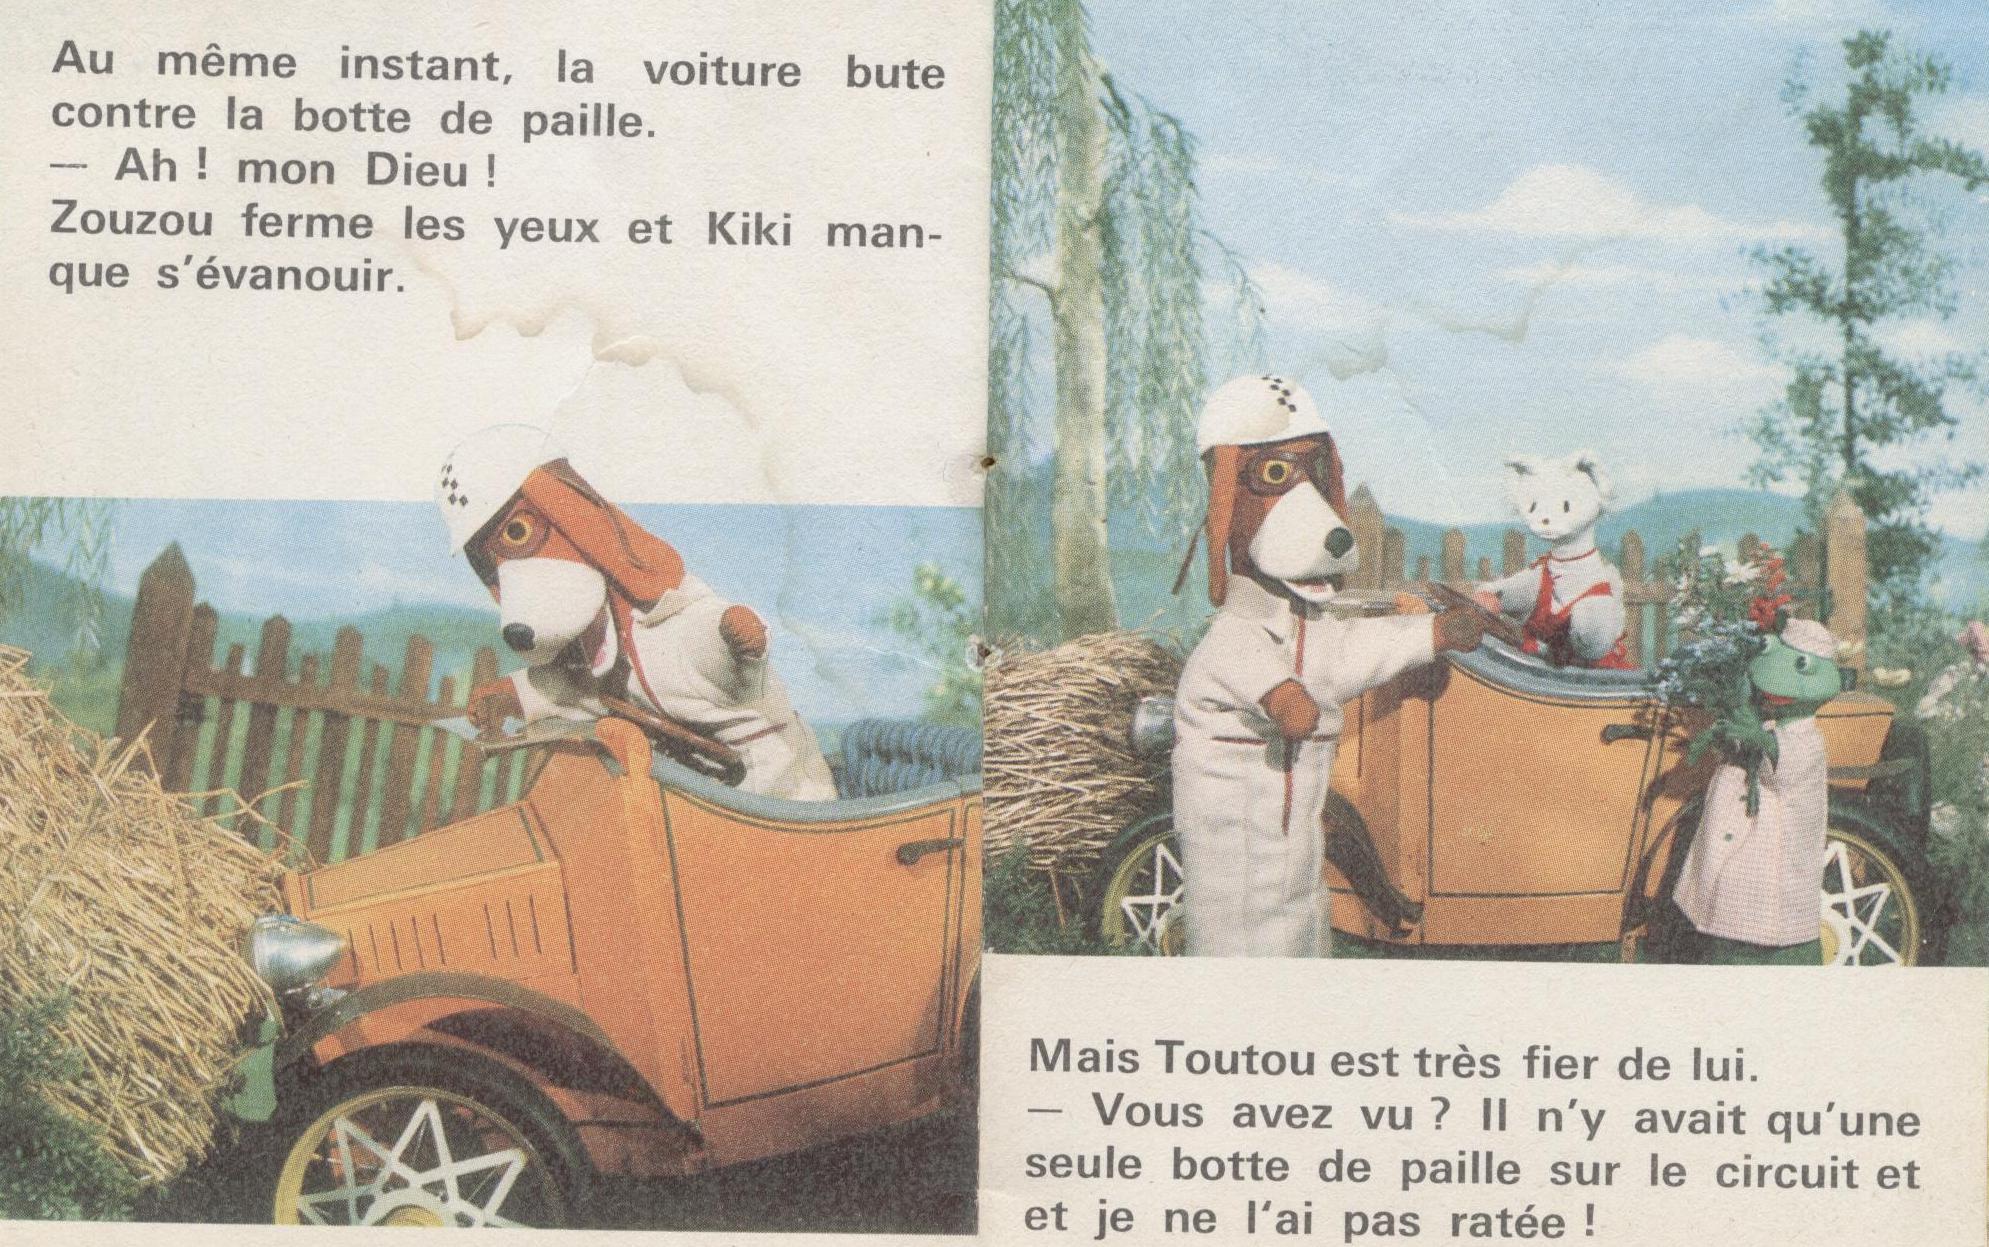 http://grenierdelatv.free.fr/toutou24heuresdumans09.jpg